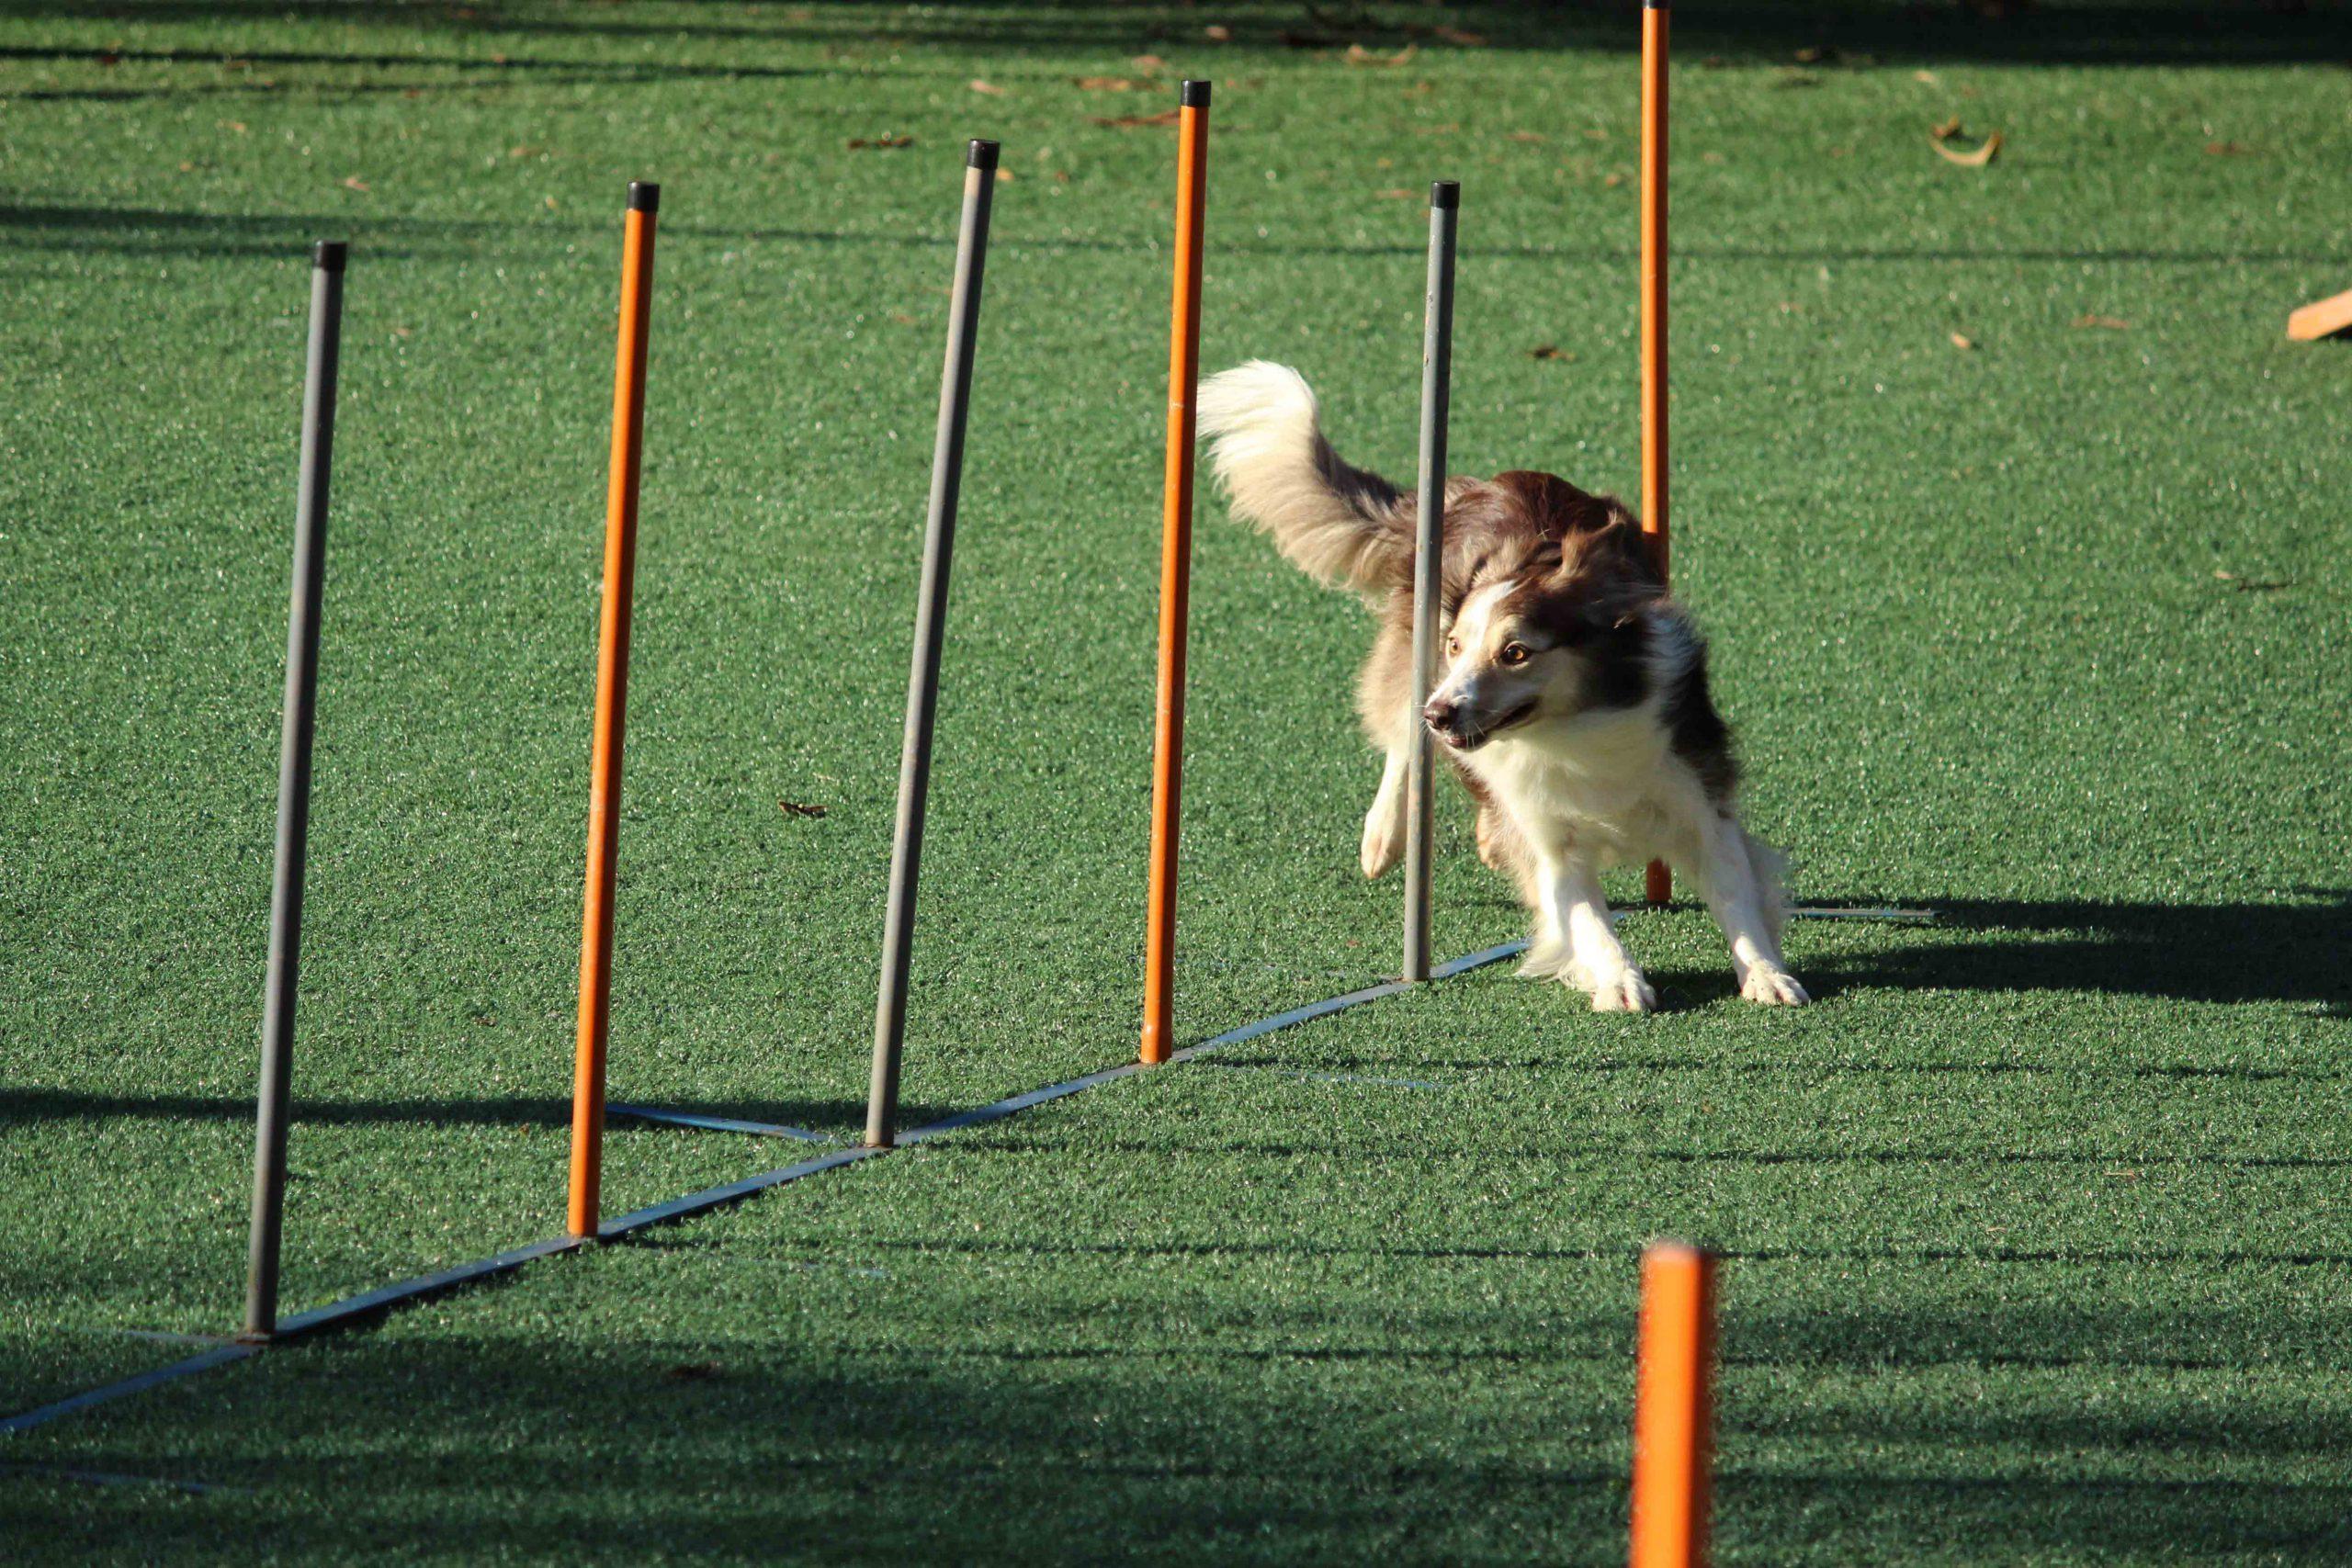 تاثیر ویژگی های رفتاری شما در تربیت سگ ها